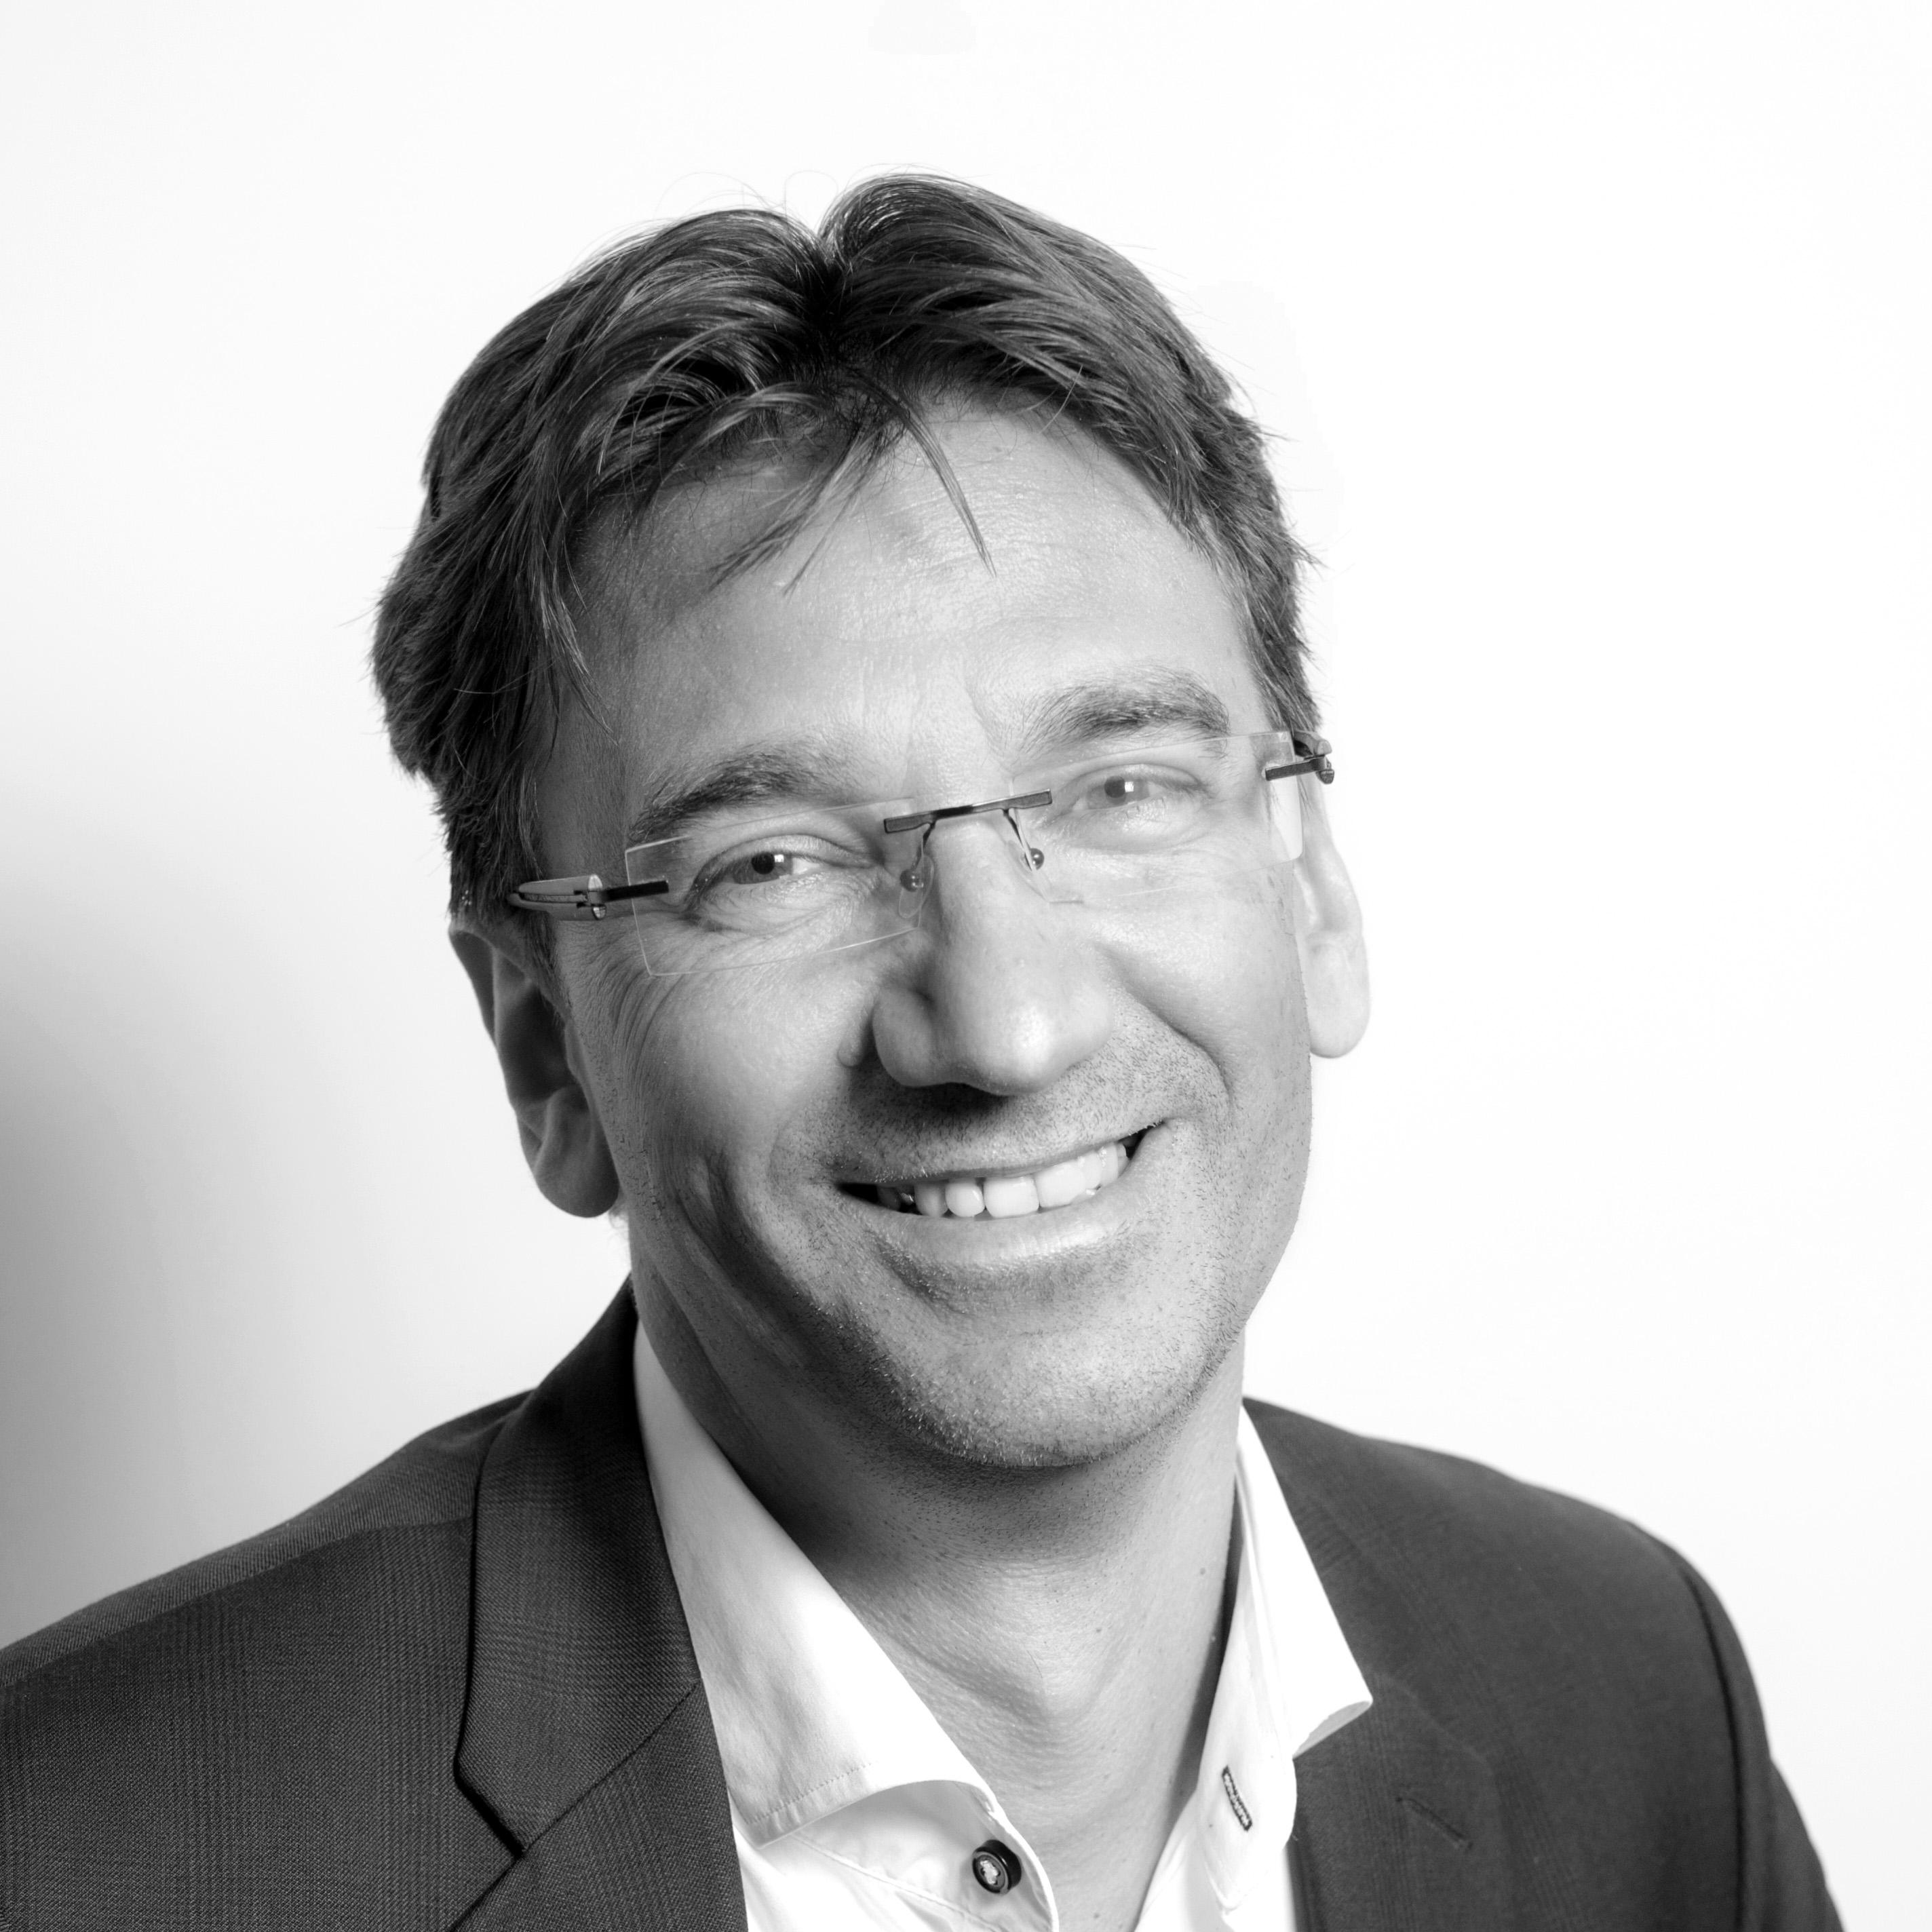 JeanFrancois Dudognon